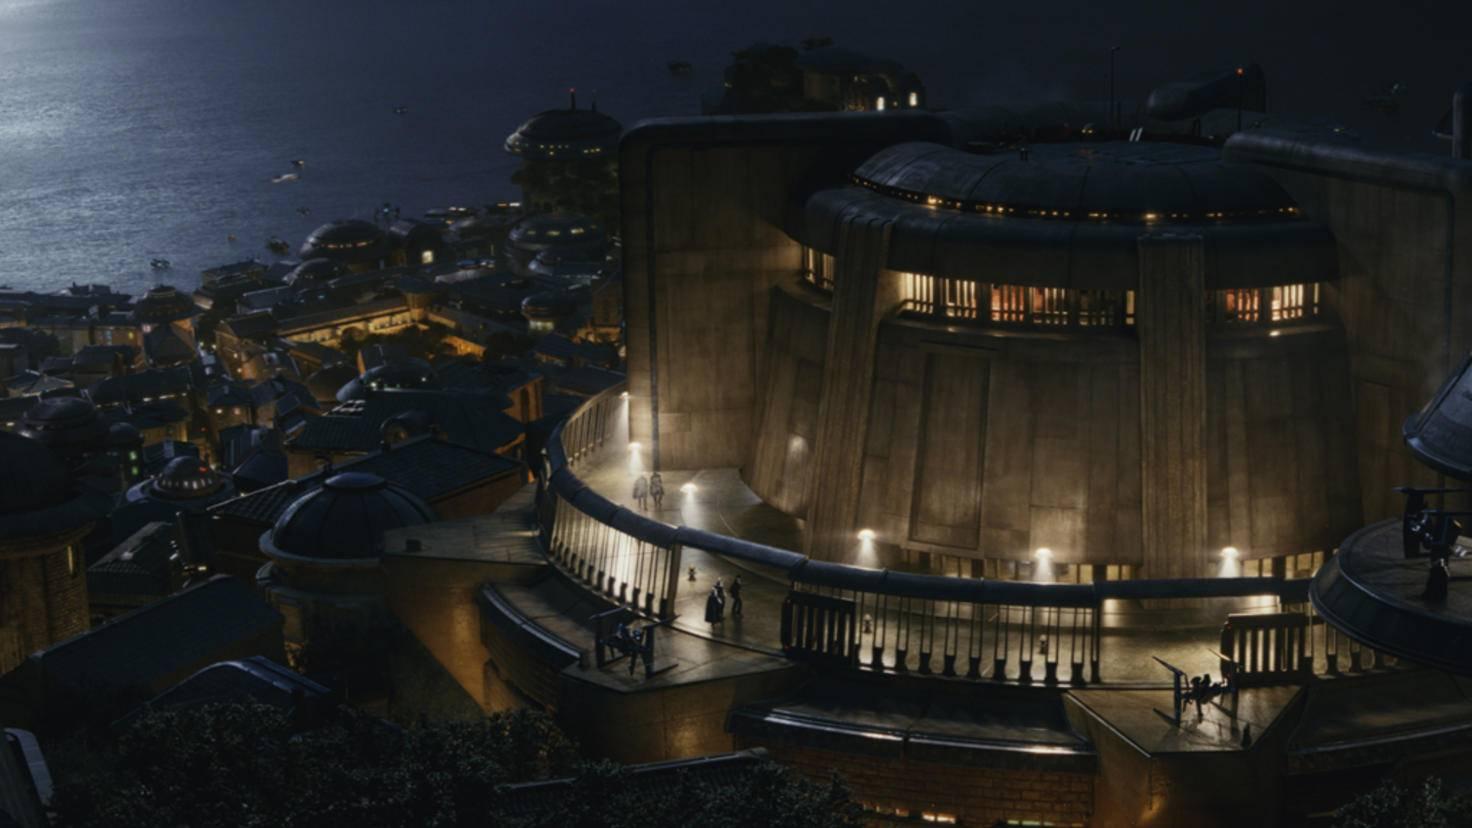 Willkommen auf Canto Bight, der illustren Casino-Stadt auf dem Planeten Cantonica.